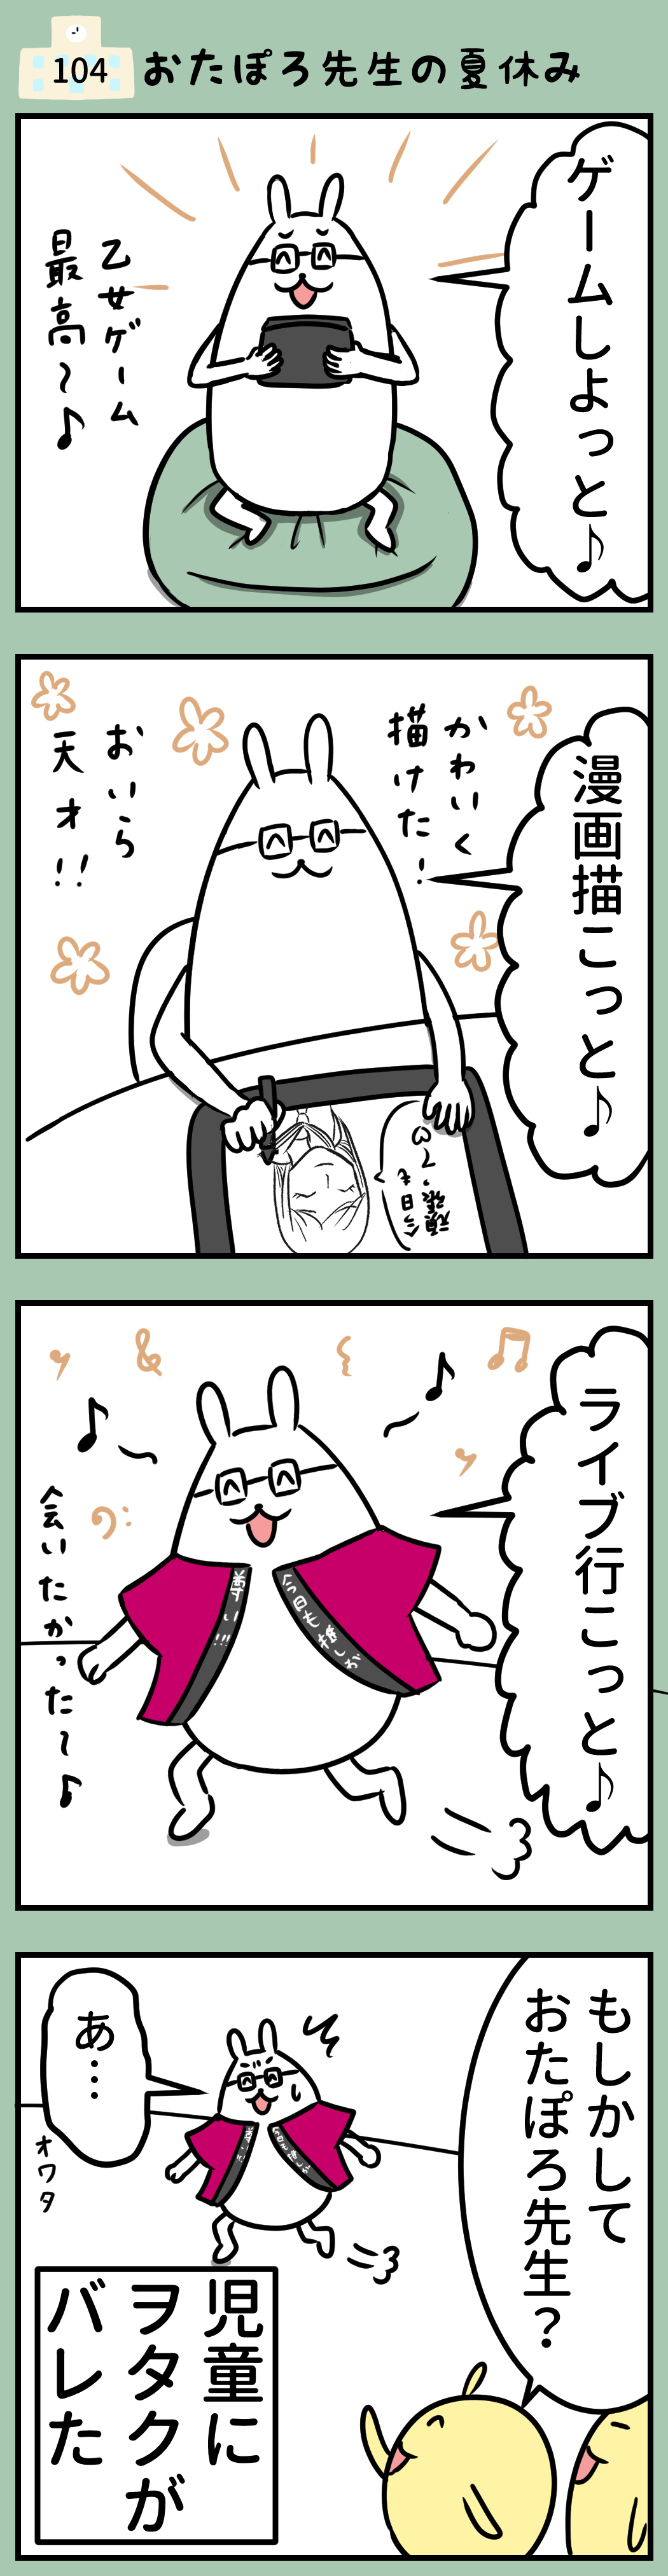 オタク イラスト 漫画